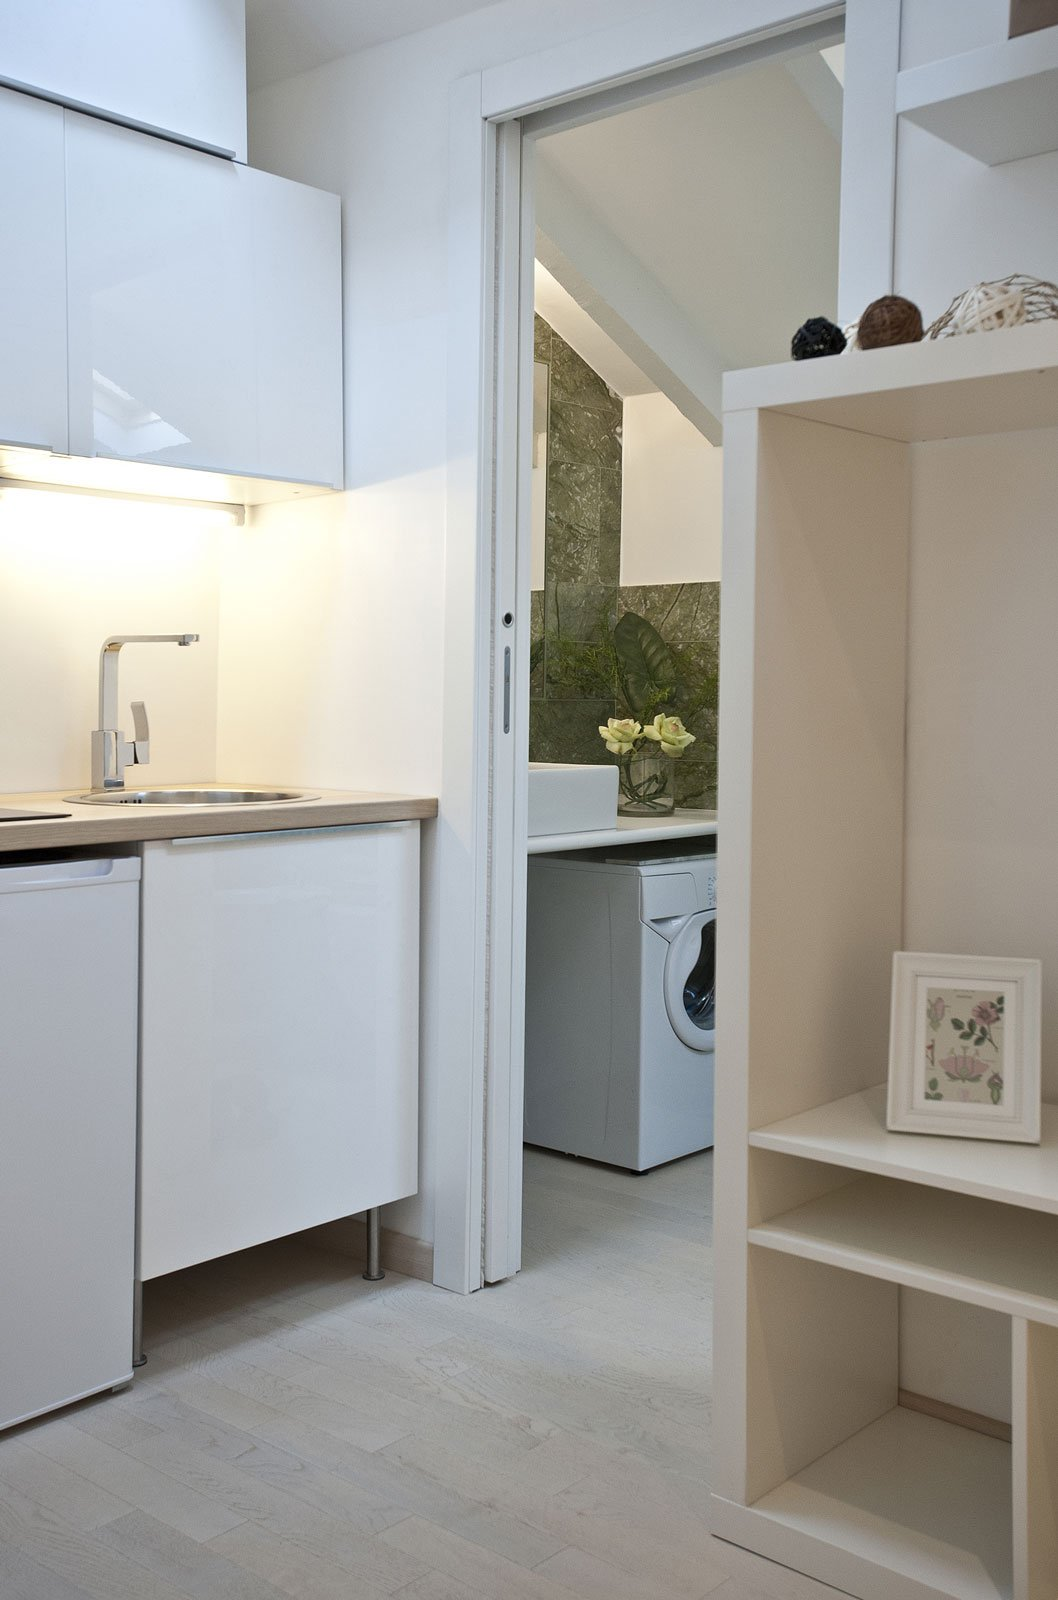 Monolocale sottotetto un piccolo gioiello di 27 mq cose di casa - Termoarredo per bagno 6 mq ...